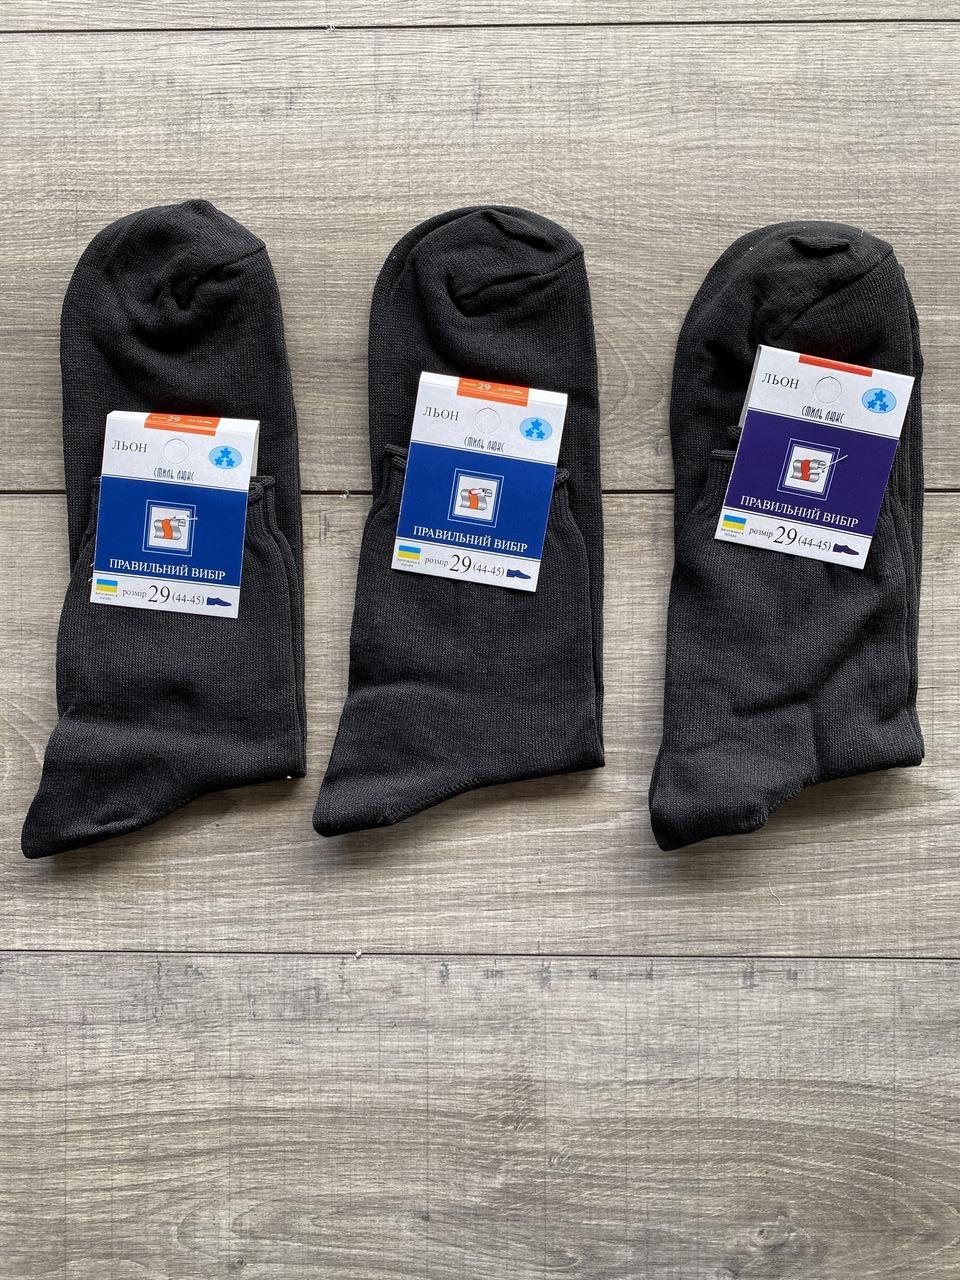 Чоловічі шкарпетки в сітку середні котон Правильний вибір однотонні 25-26 27-28 29-30 12 шт в уп чорні